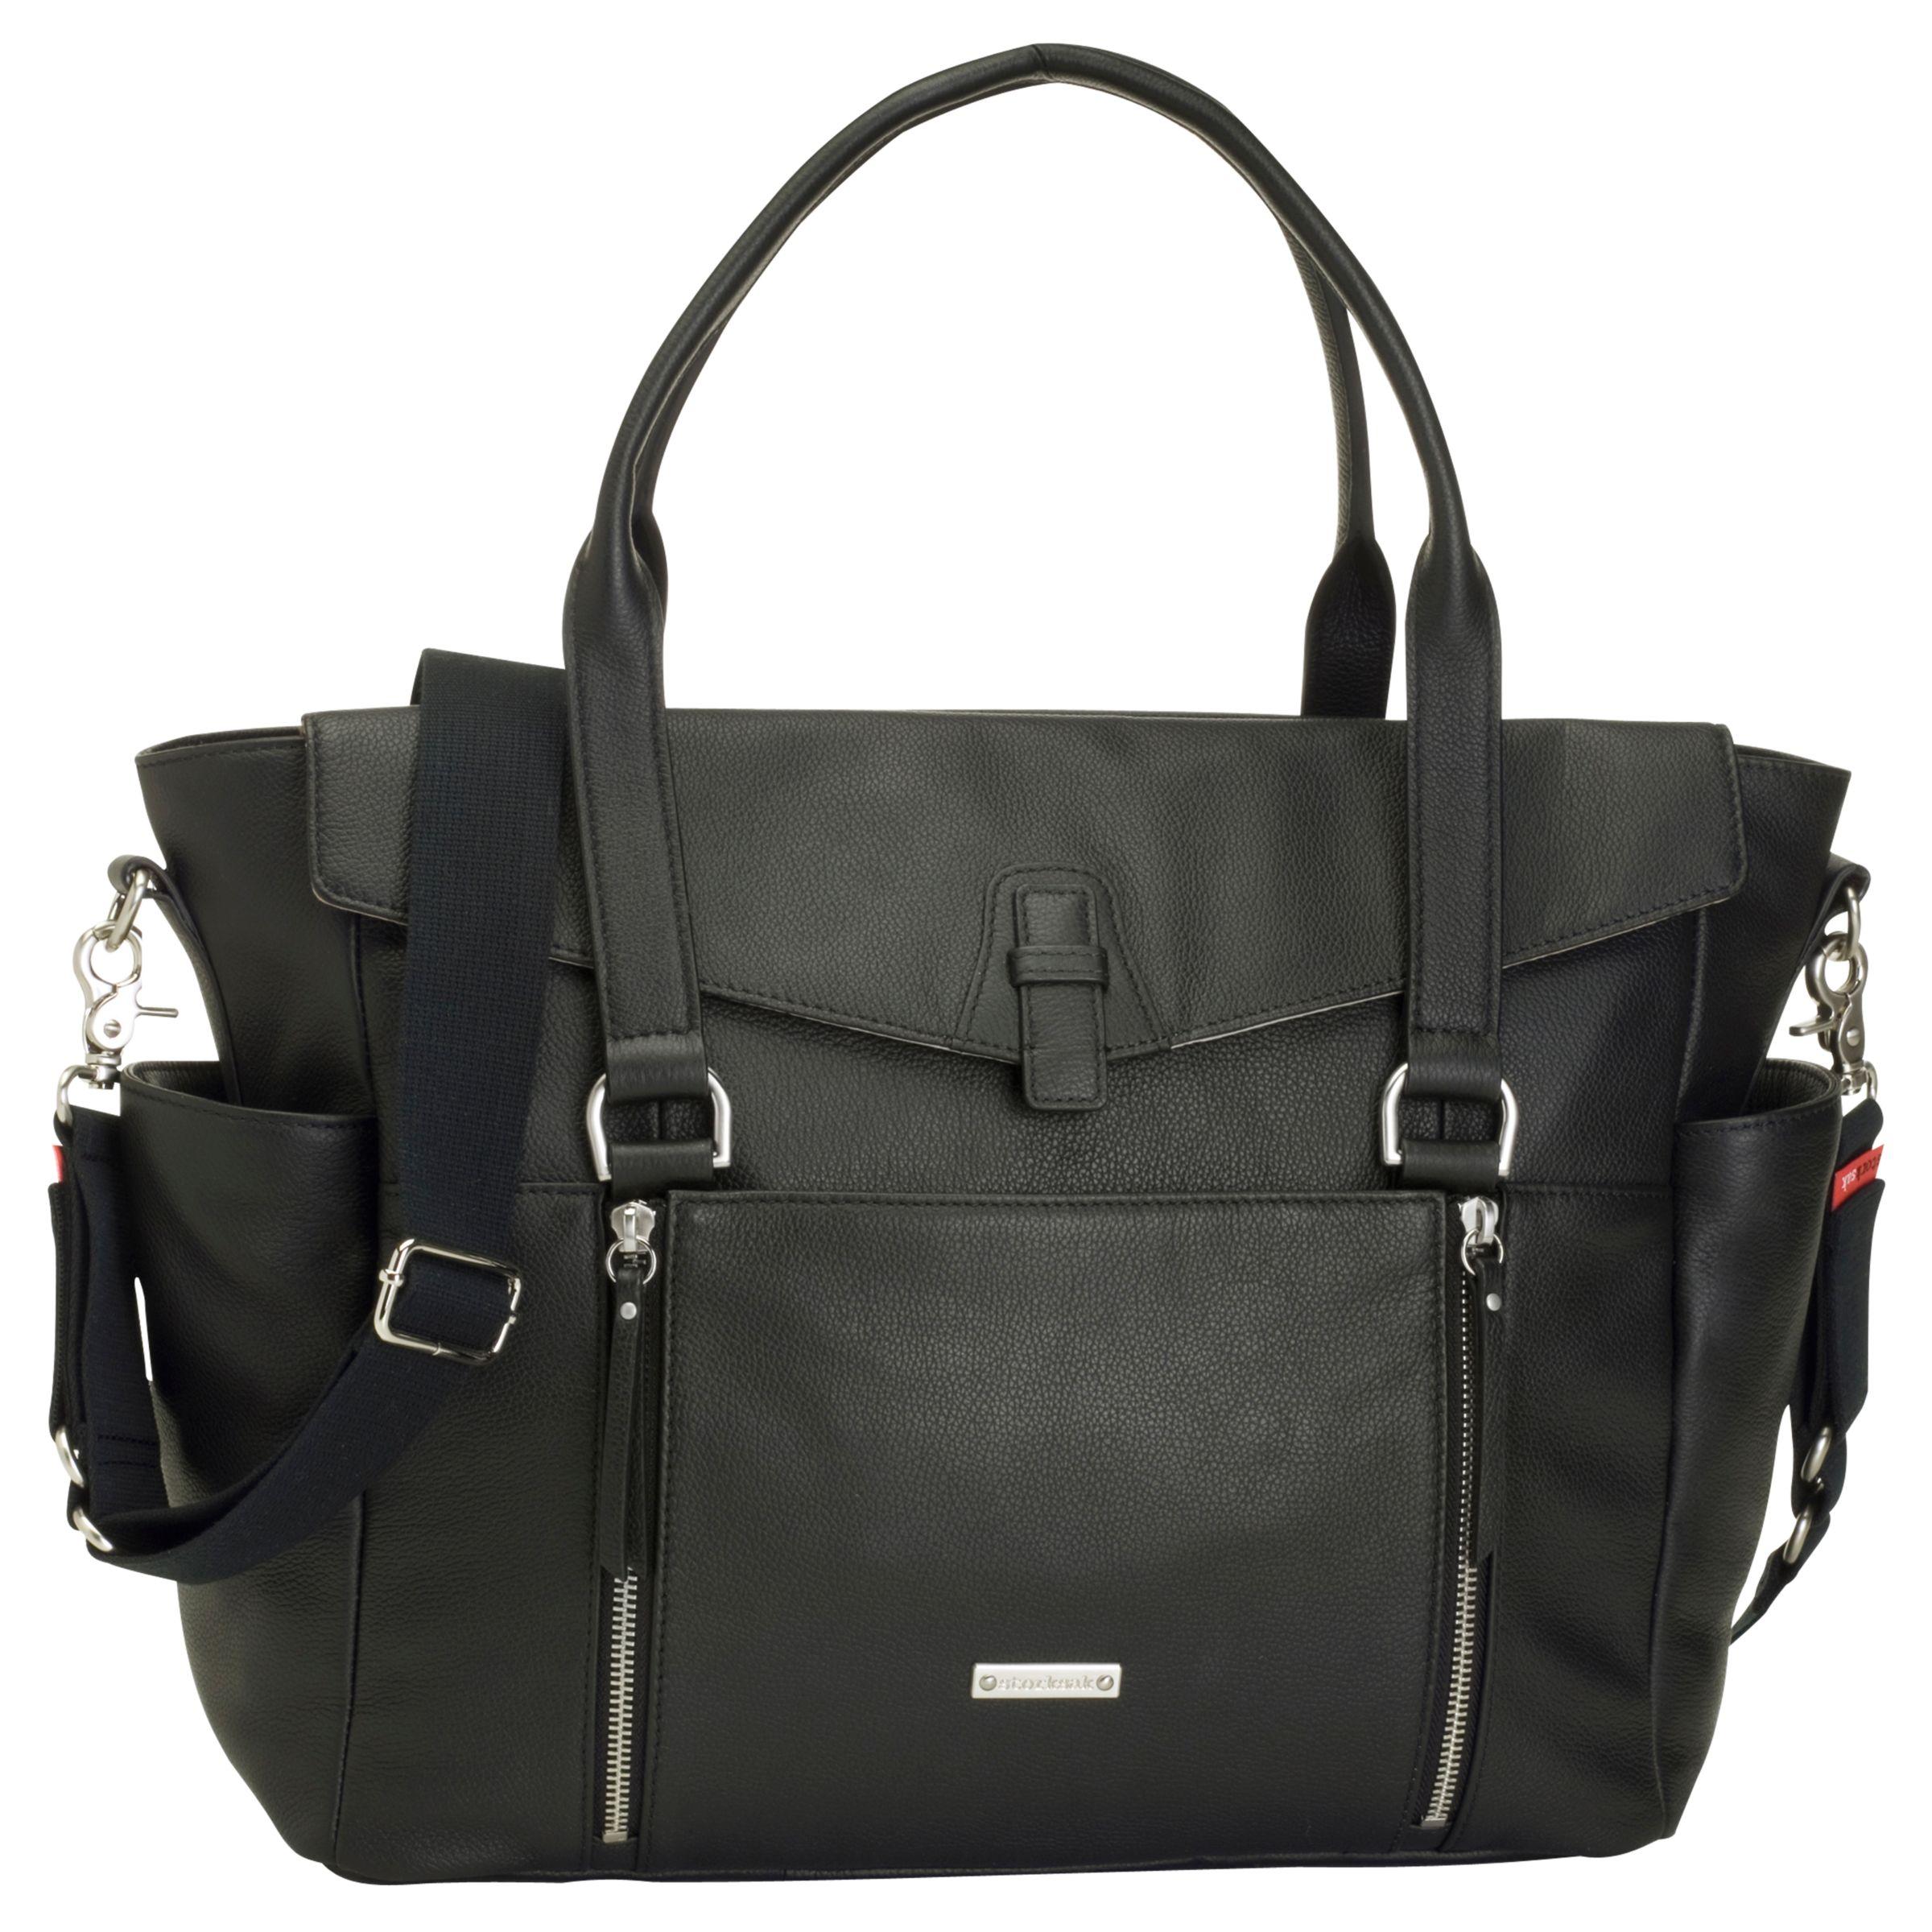 Storksak Storksak Emma Leather Changing Bag, Black